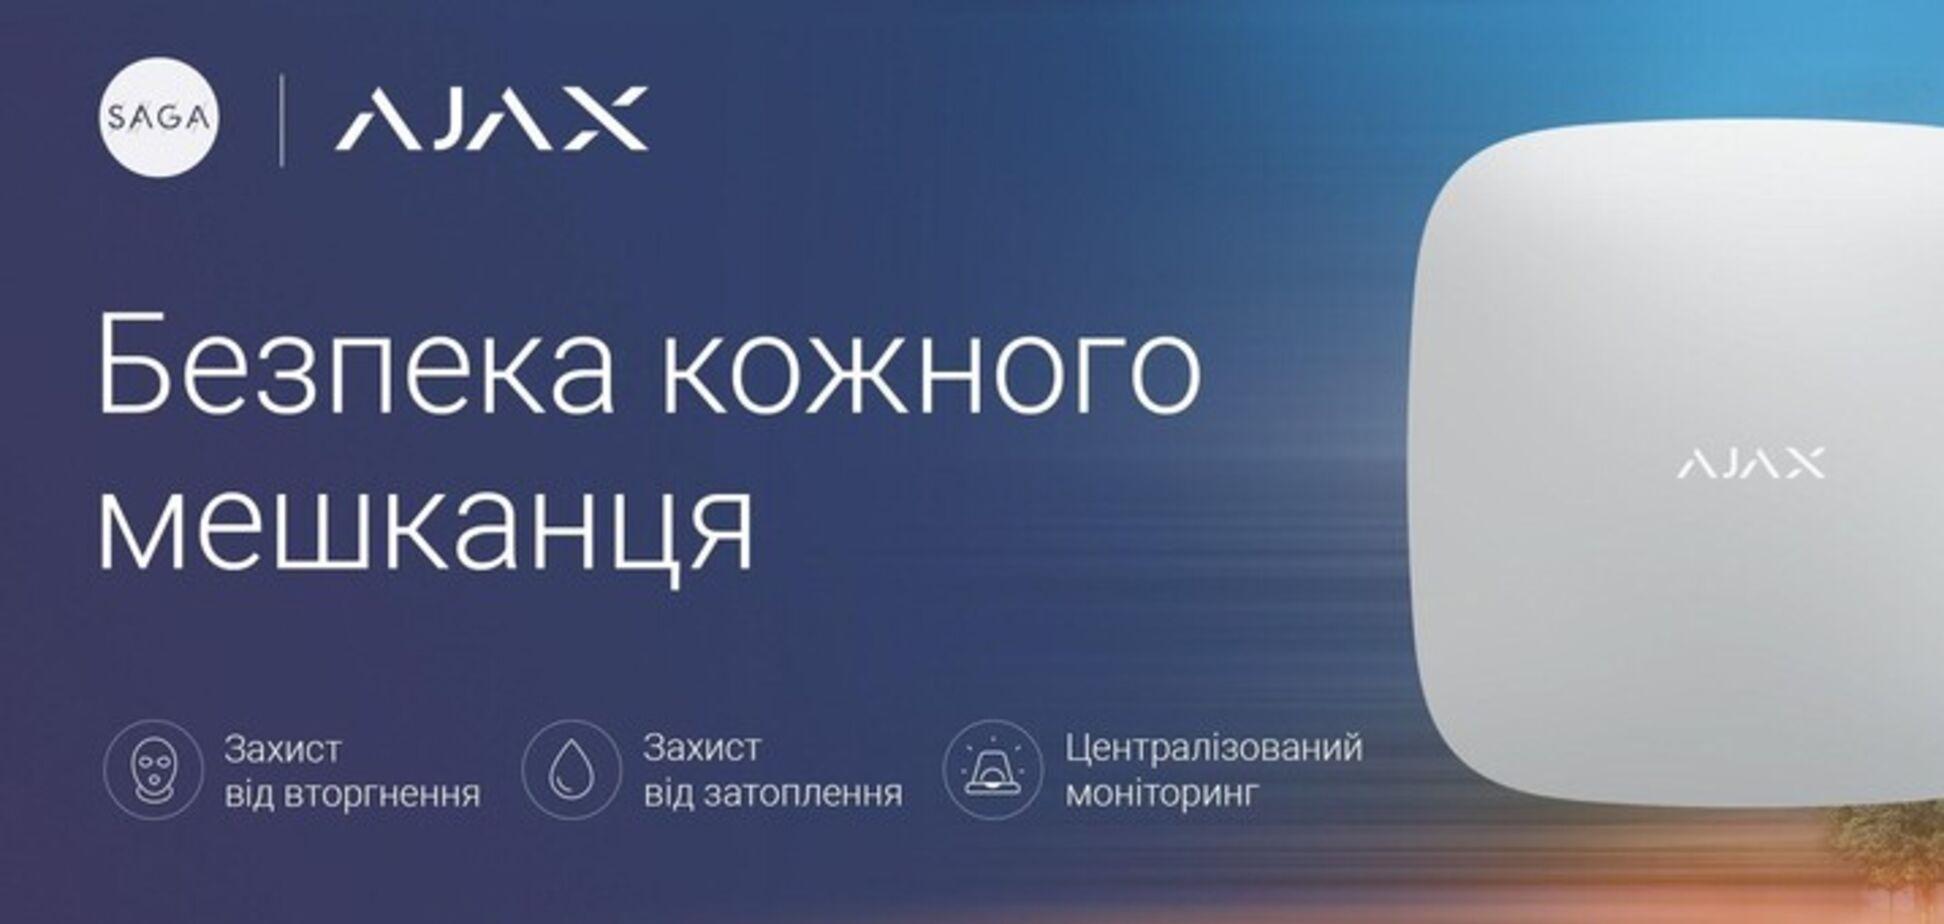 Einstein Concept House стане першим в Україні ЖК з комплексною системою безпеки від Ajax Systems